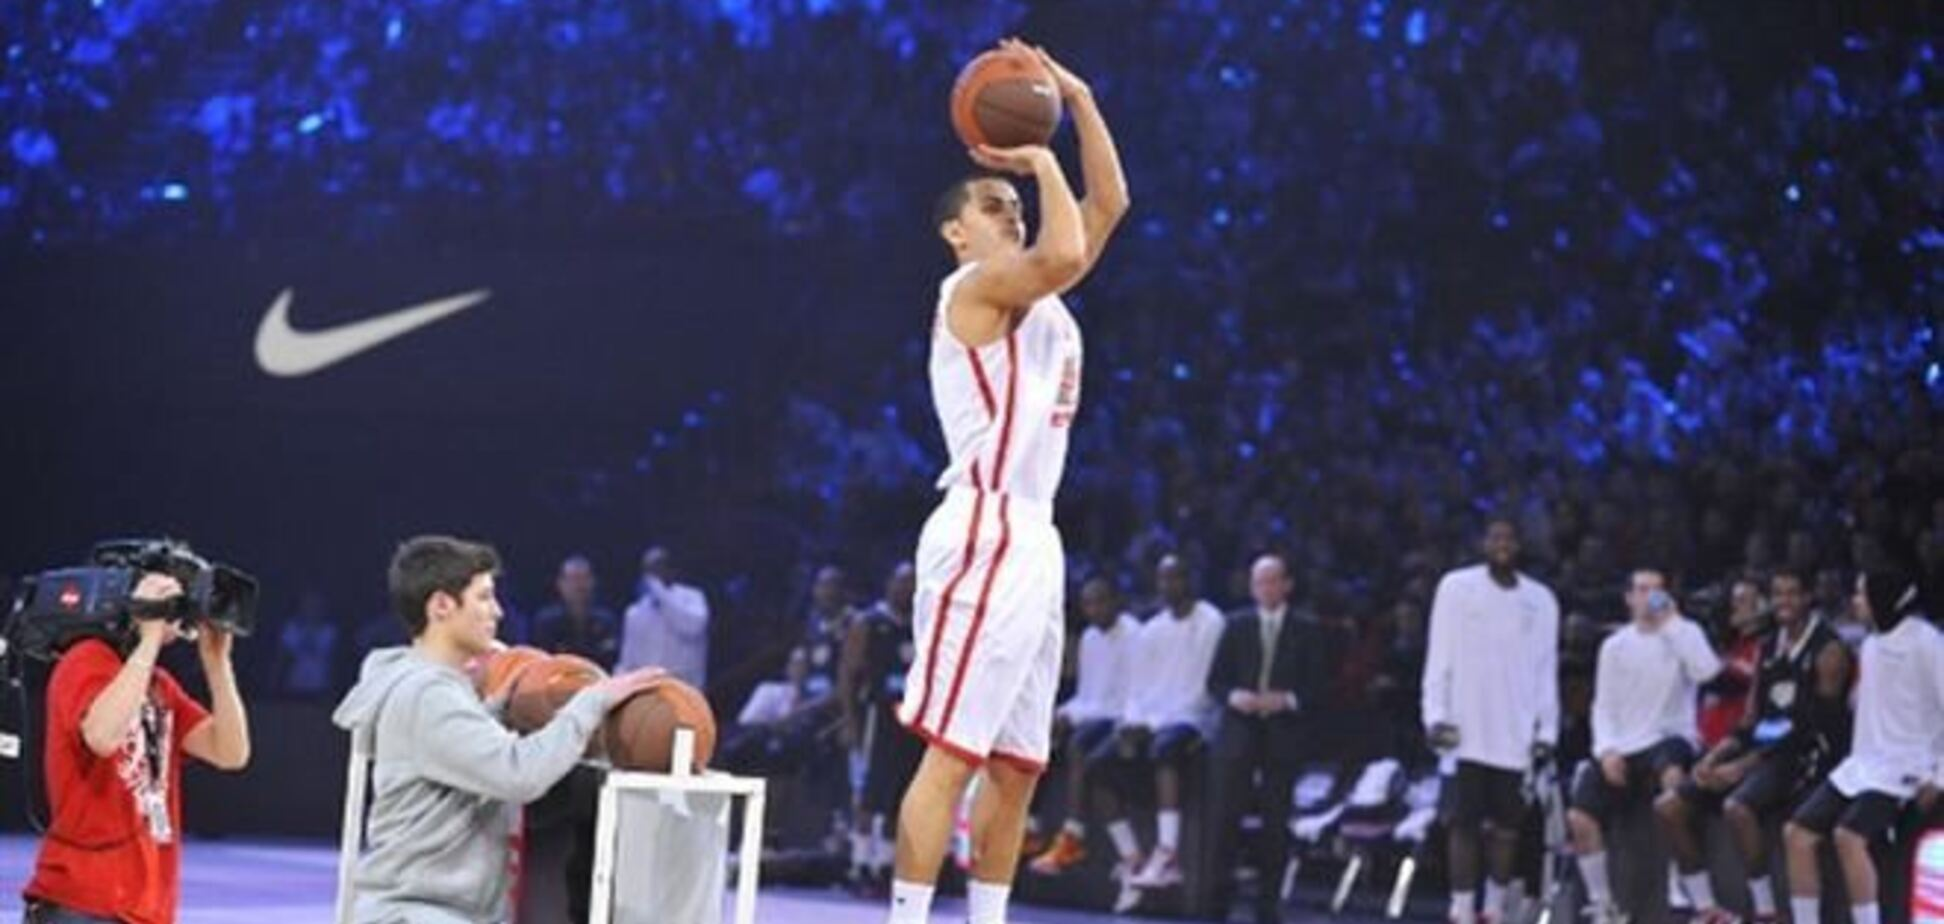 На матче баскетбольных звезд во Франции болельщик выиграл 100 000 евро